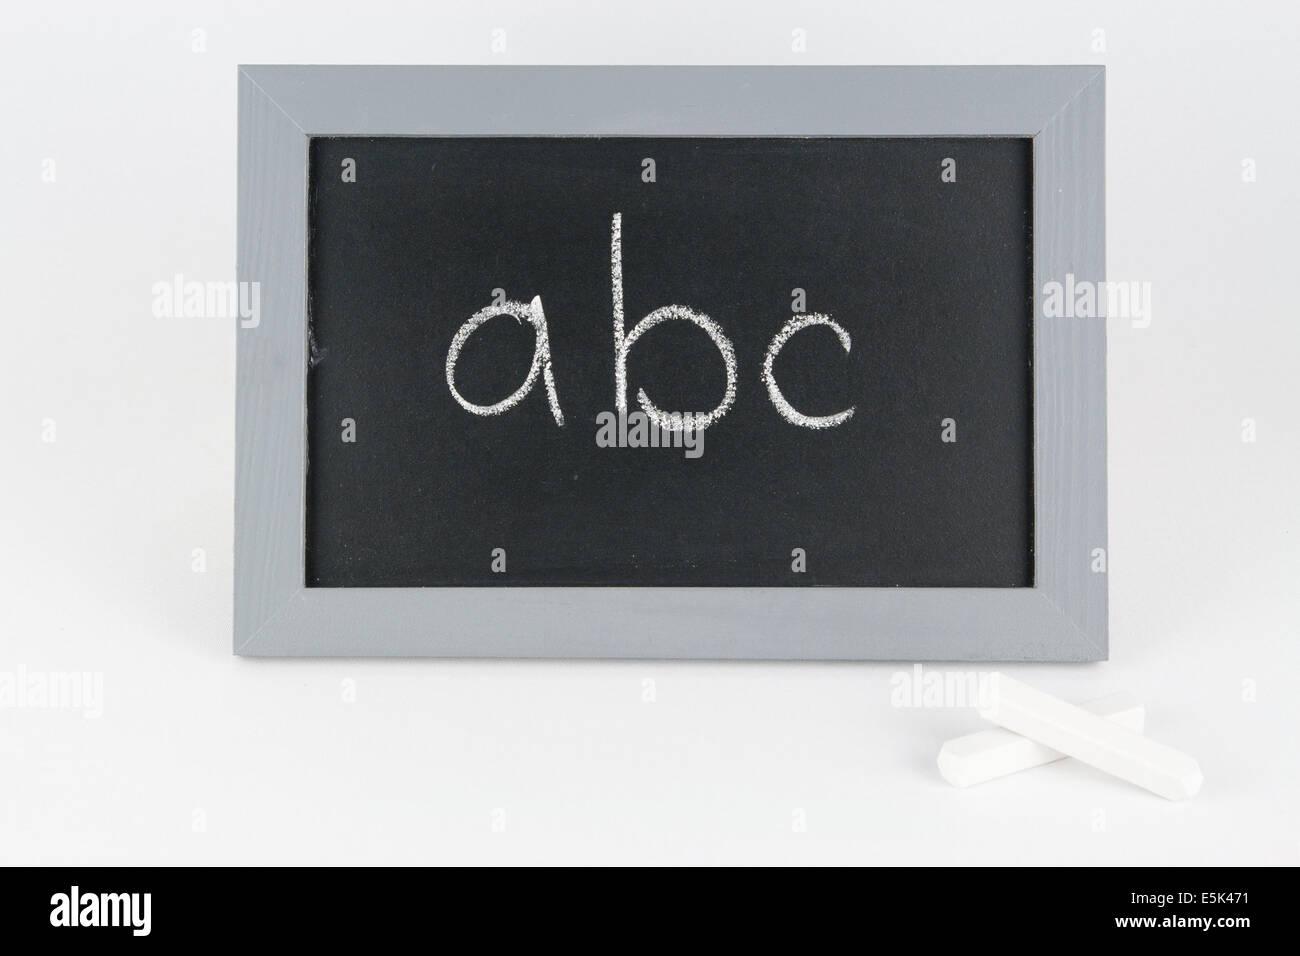 Tafel abc Alphabet Kreide Schule Schultafel Schulkreide Schulkinder schreiben Rechnen Mathe Zahl Zahlen plus gleich - Stock Image